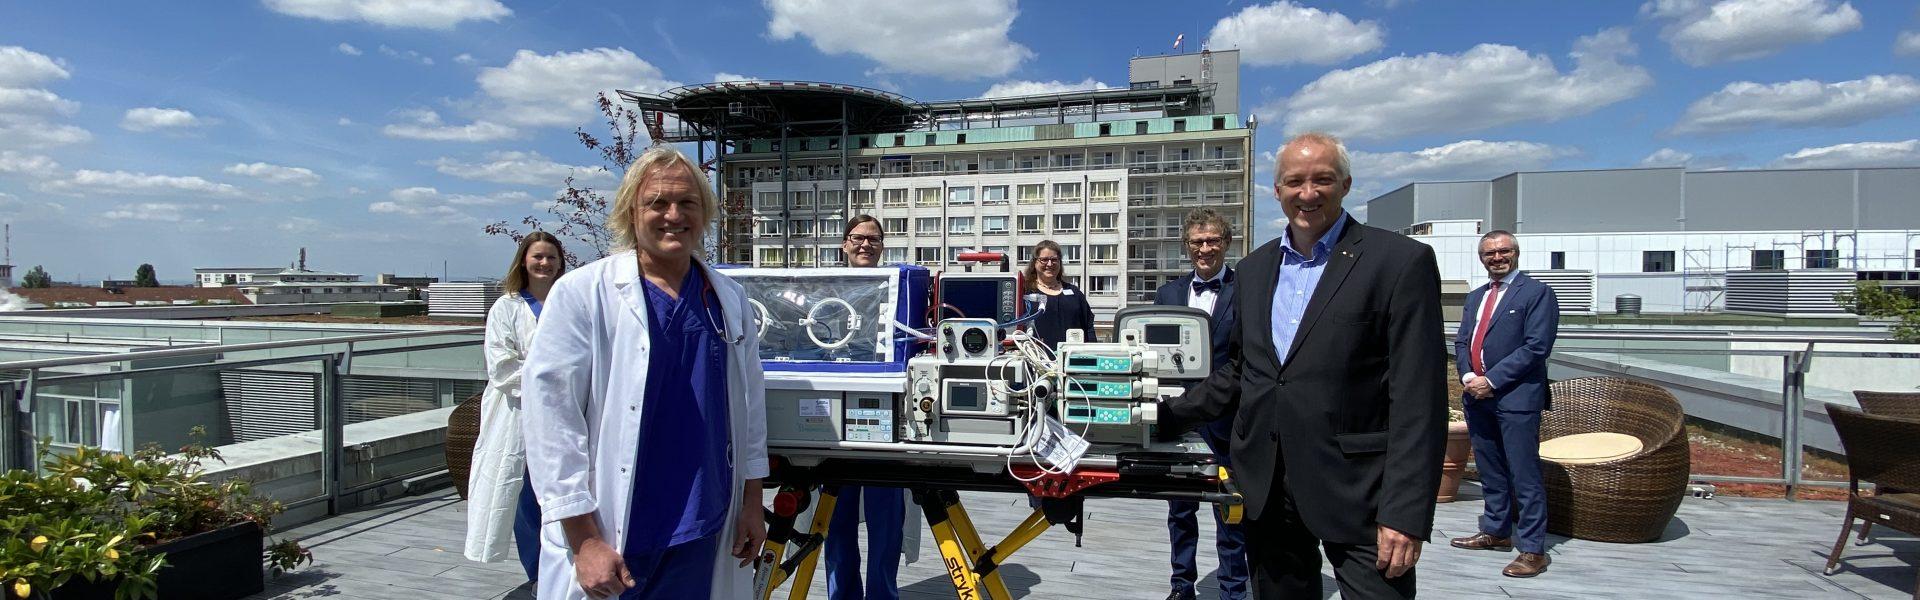 Header Bild Neuer Transportinkubator für Klinikum Darmstadt